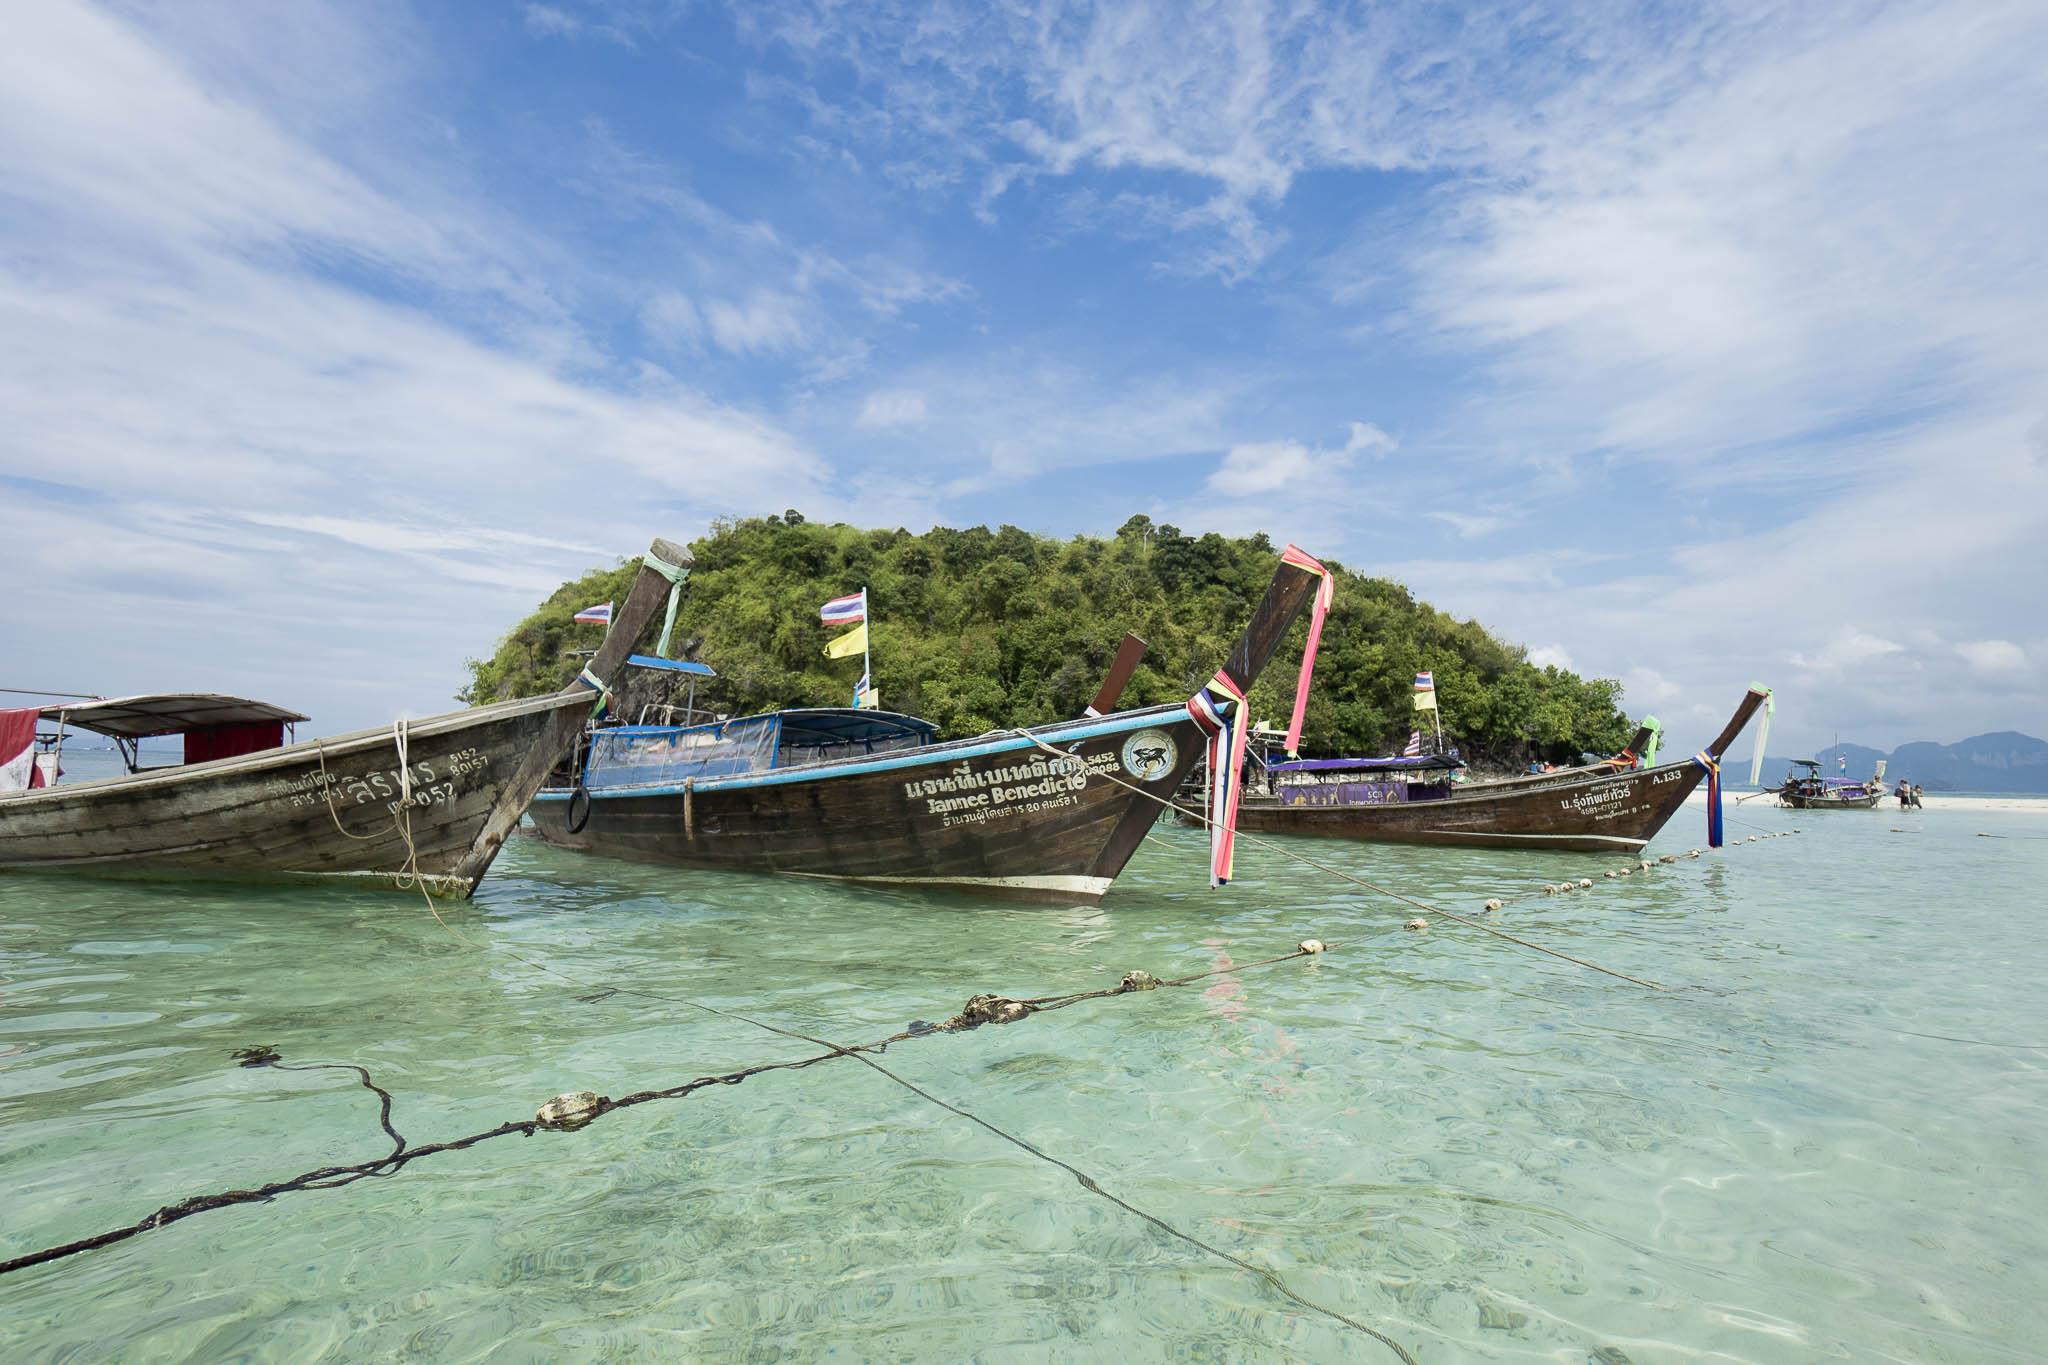 longtail boat, wizytówka regionu Krabi